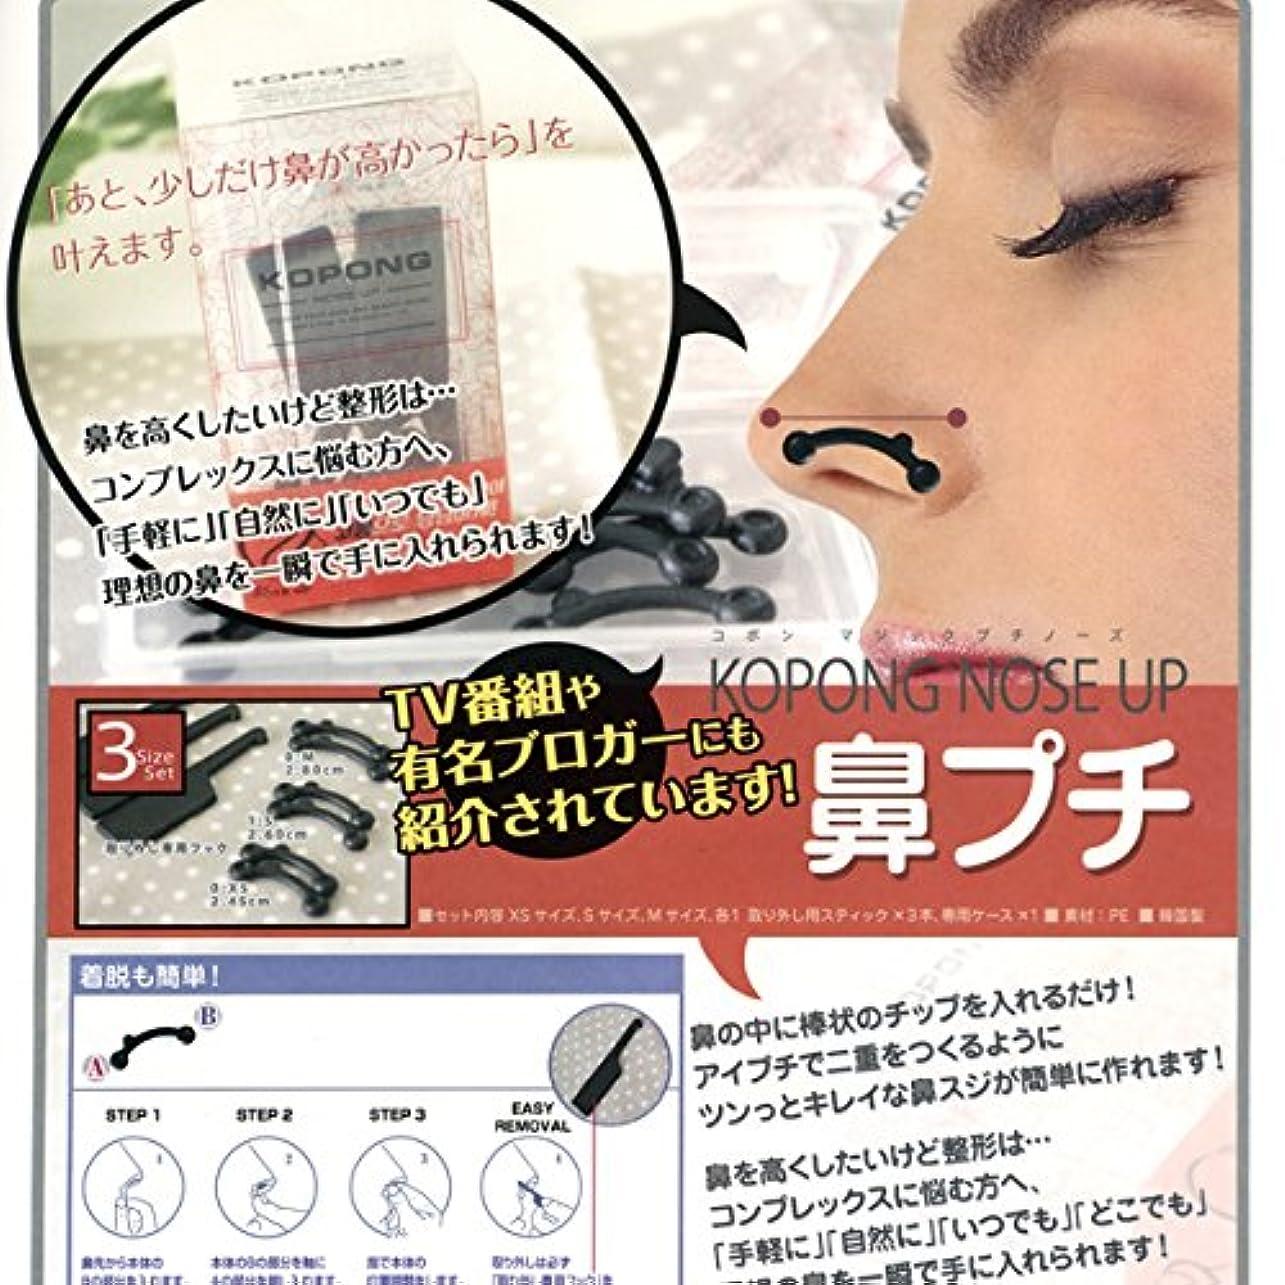 マイルド系譜かけるコポン コポン マジックノーズ 鼻プチ(3サイズ入)